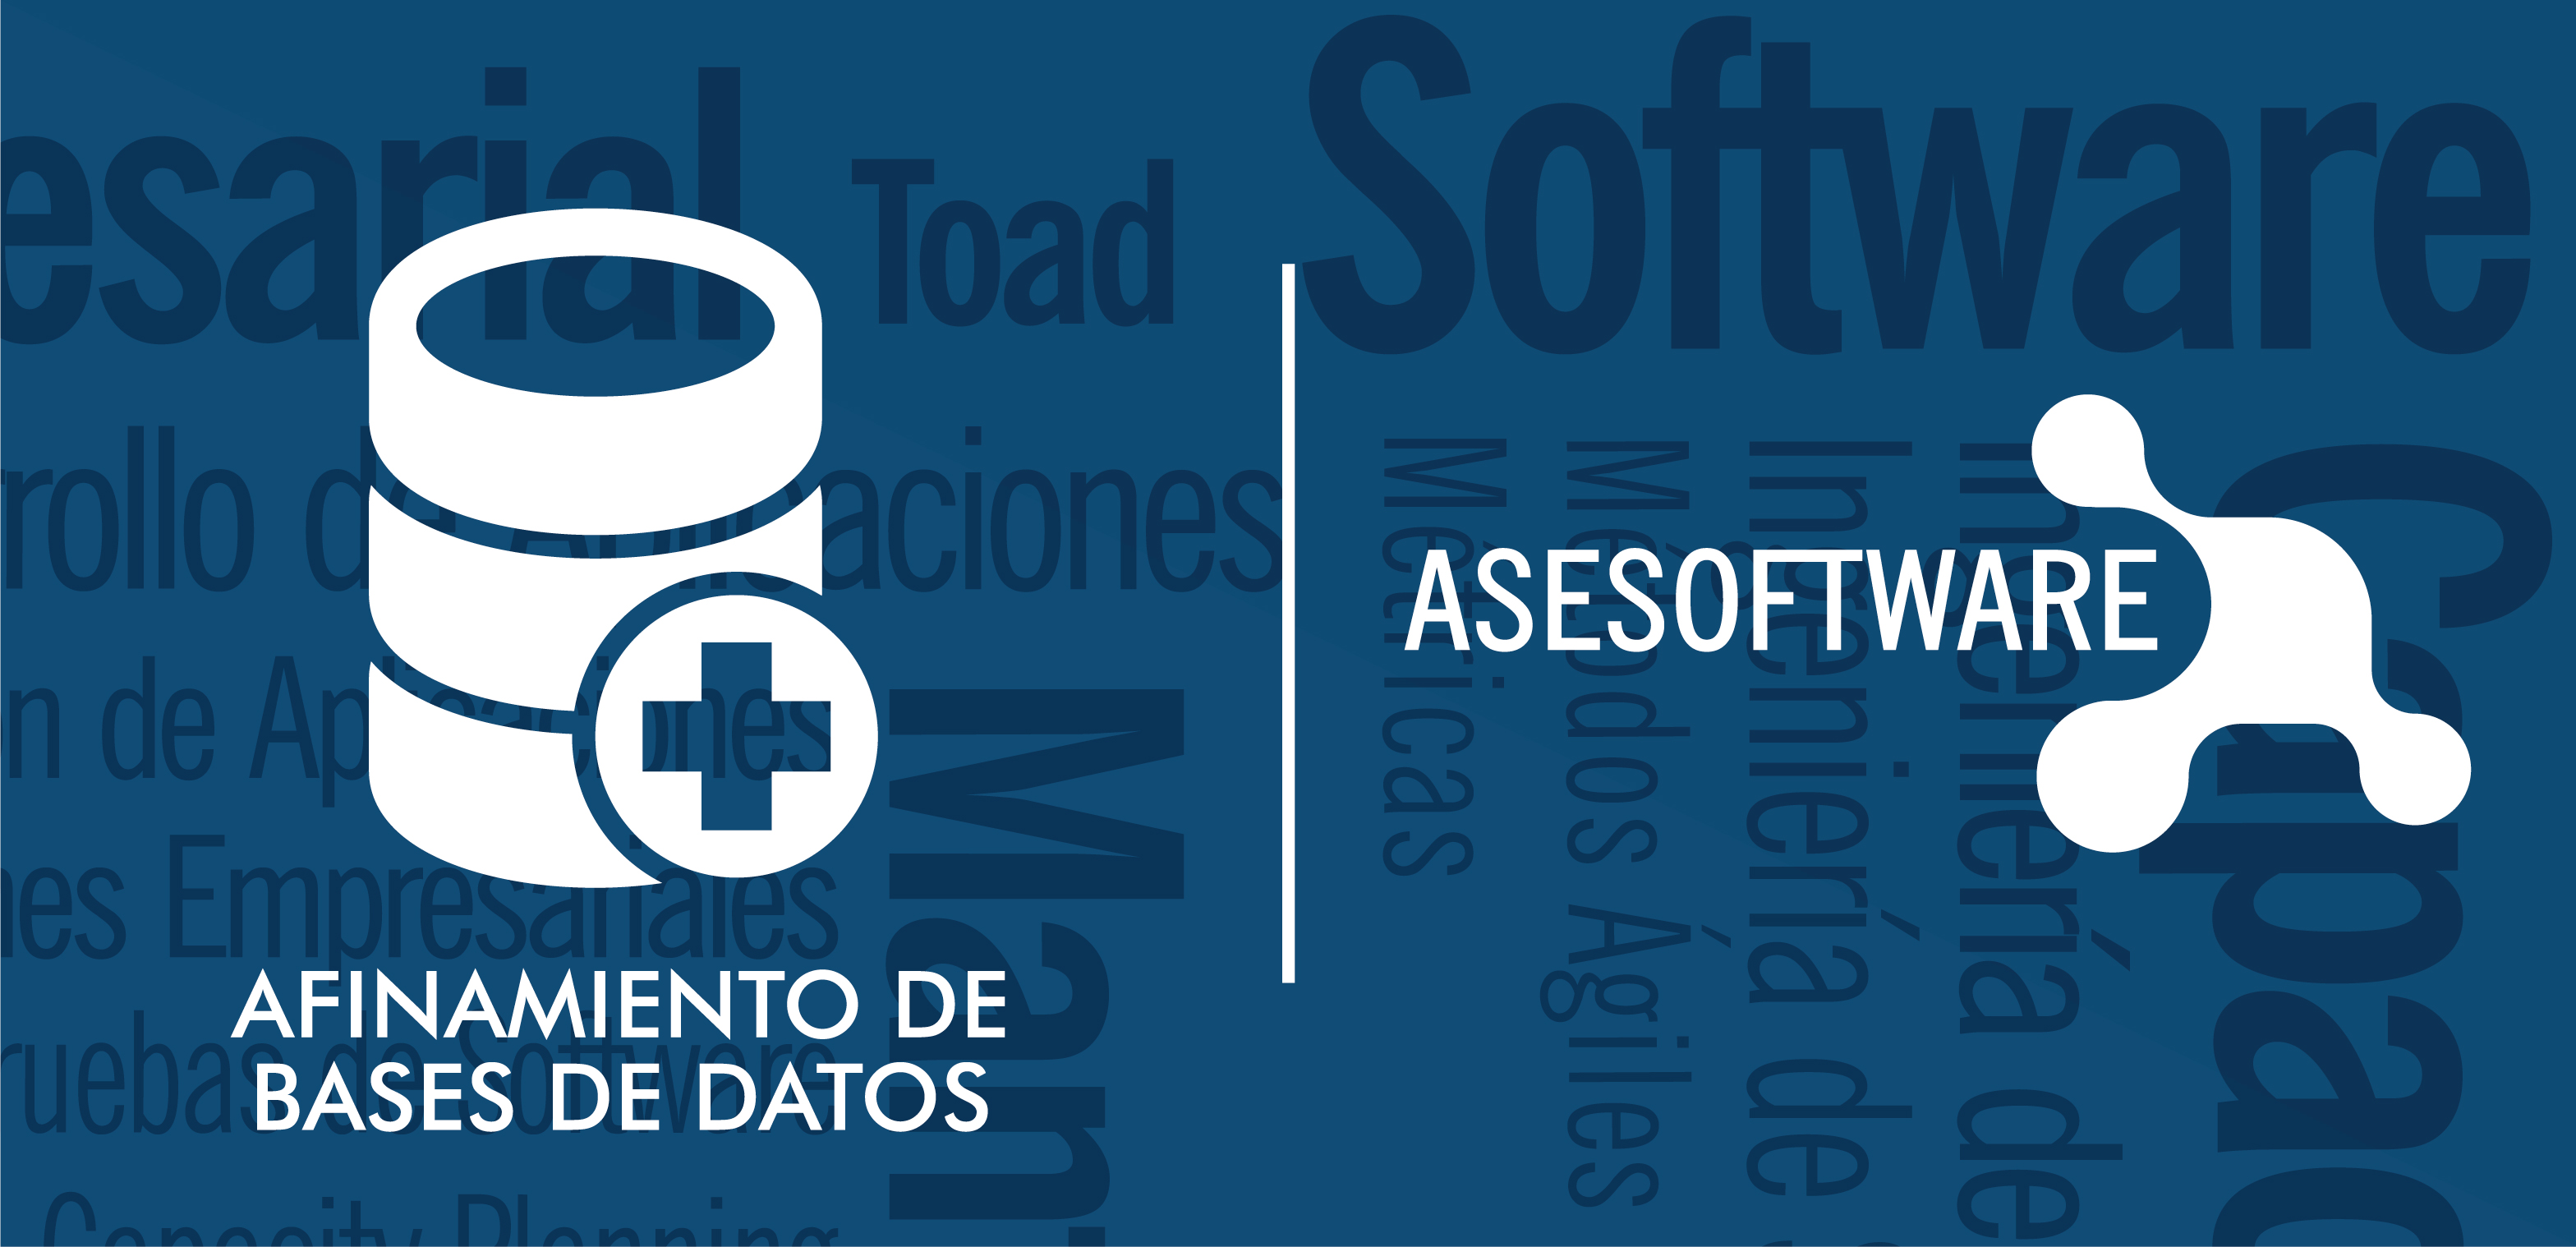 Afinamiento de BASES de DATOS y Aplicaciones | ASESOFTWARE